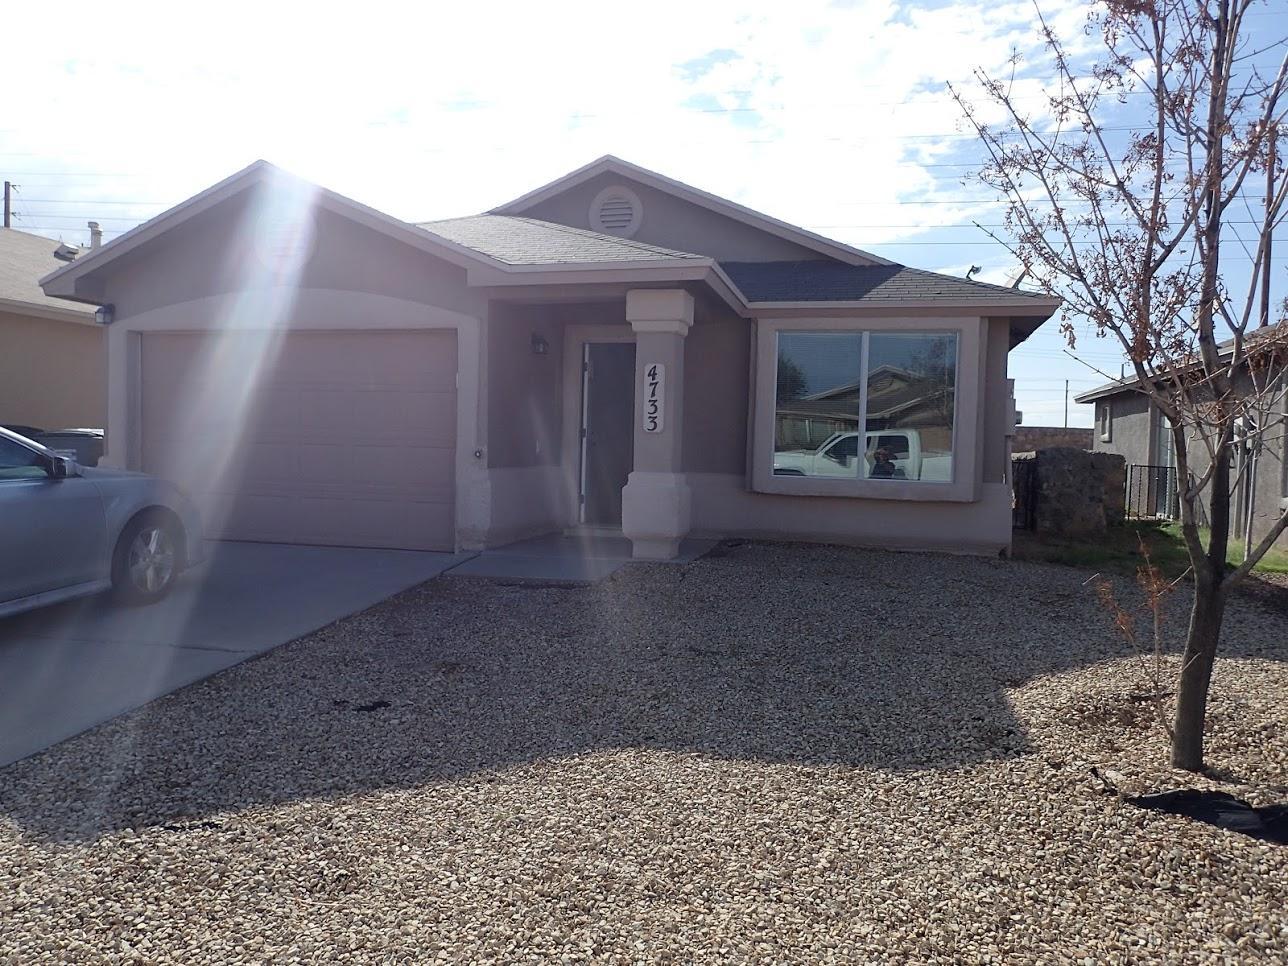 4733 KIKO A. FIERRO, El Paso, Texas 79938, 3 Bedrooms Bedrooms, ,2 BathroomsBathrooms,Residential Rental,For Rent,KIKO A. FIERRO,816550